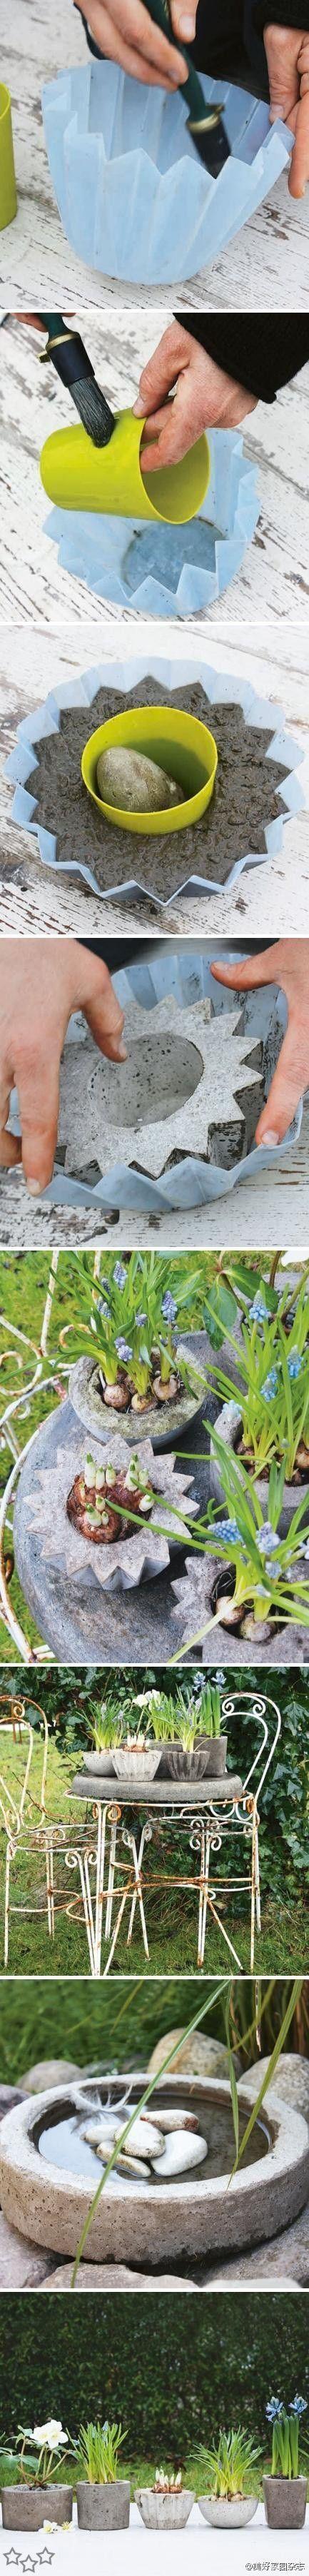 Bonitas macetas hechas de cemento con la ayuda de unos moldes plástico o silicona previamente untados con aceite. Comenta con Facebook comments